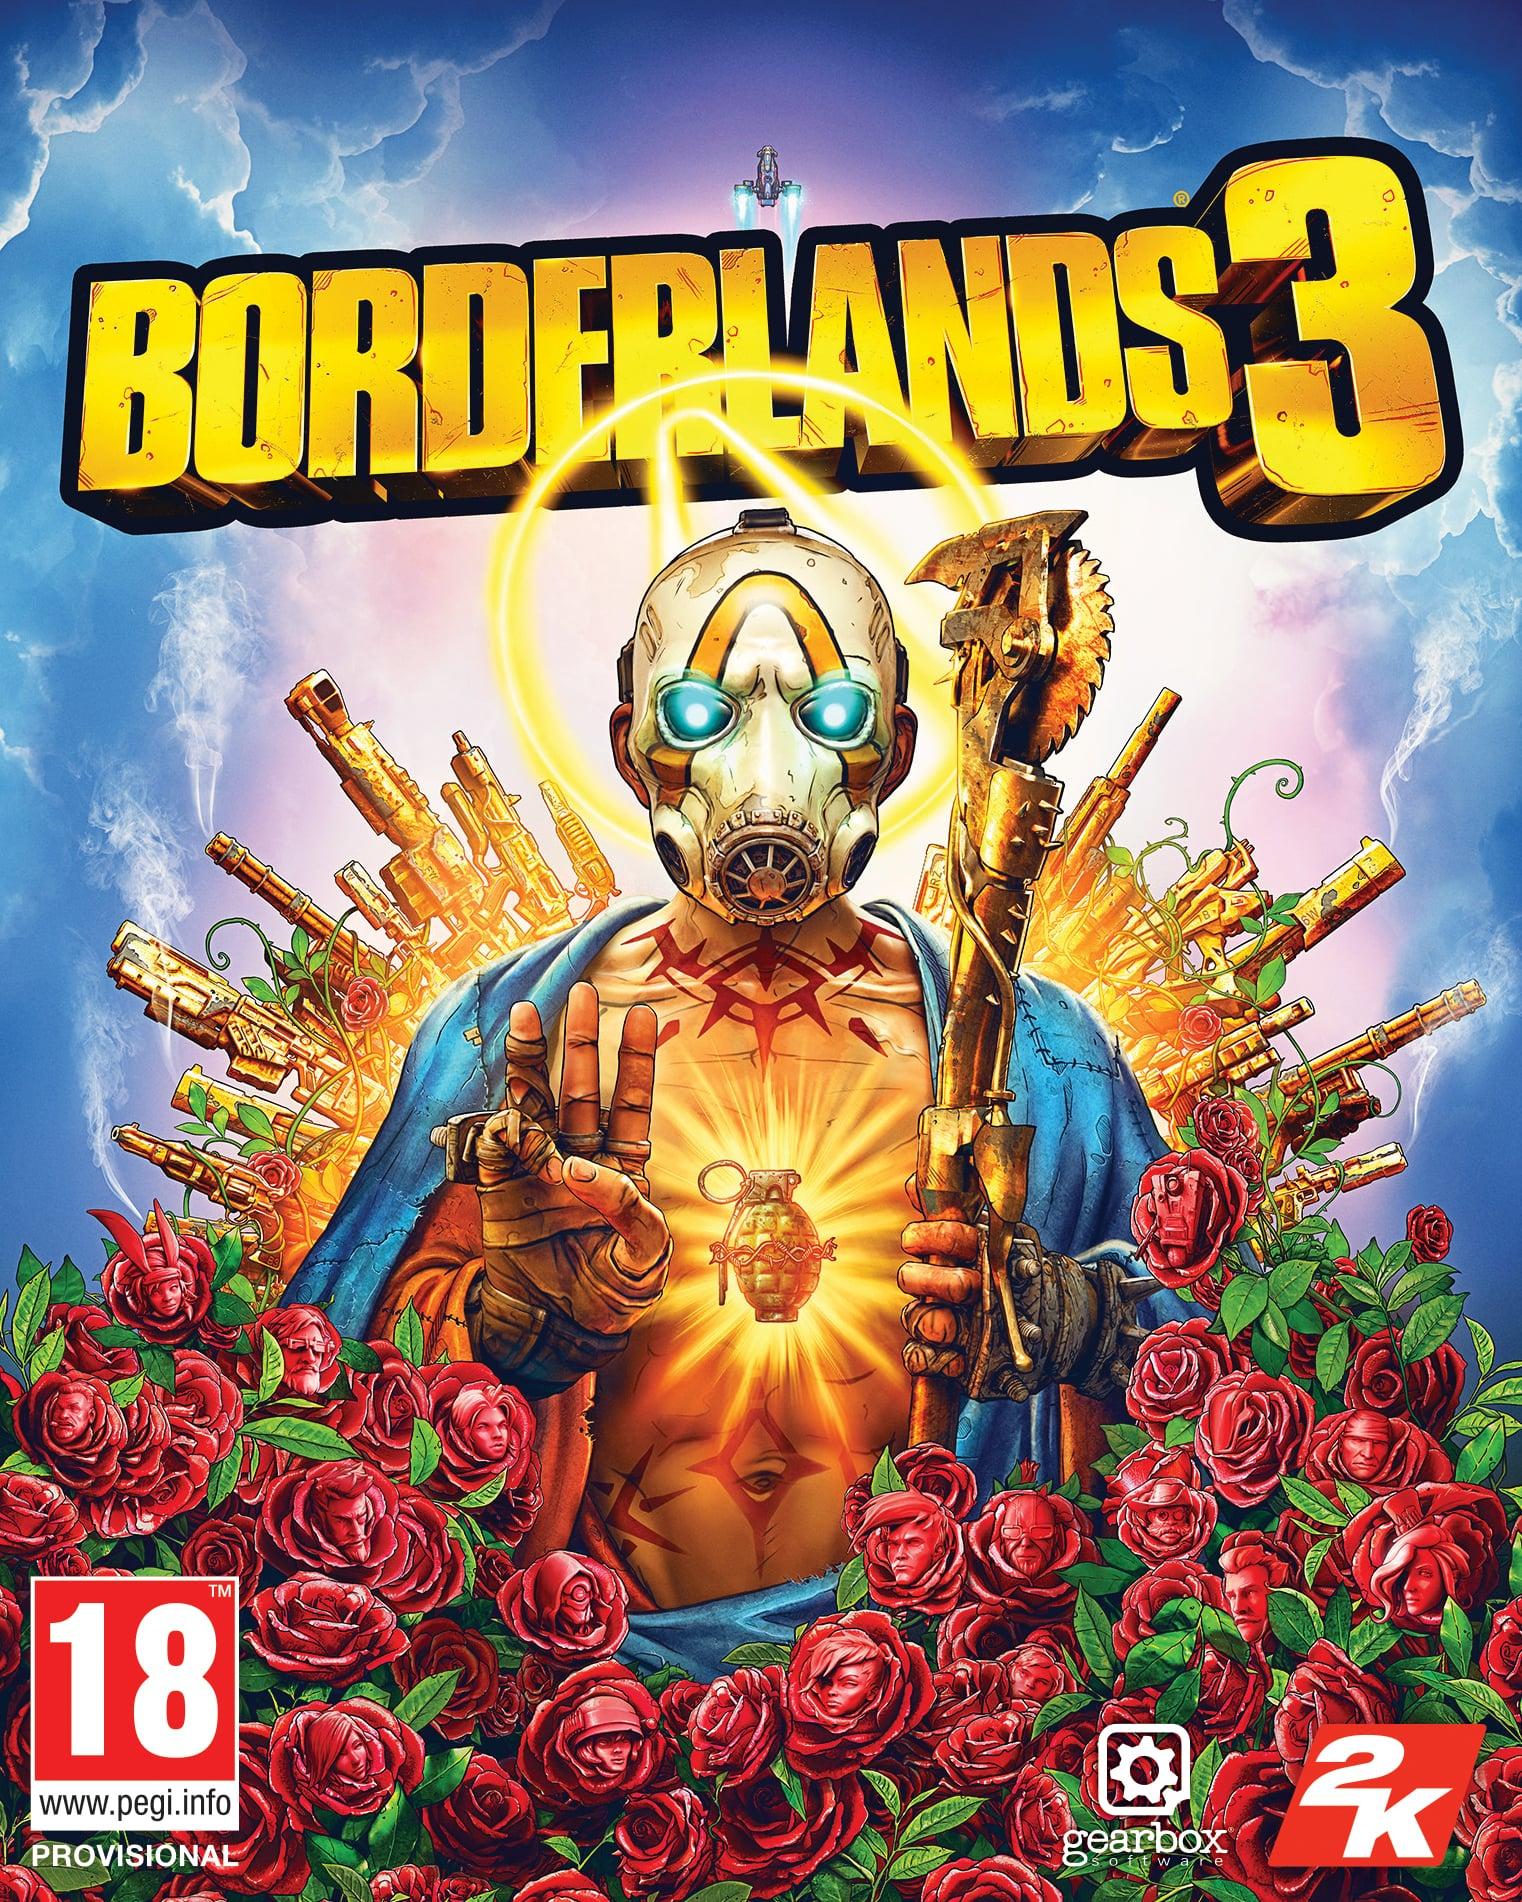 Borderlands 3 - Legendarny pistolet Atlas Multi-Tap za darmo